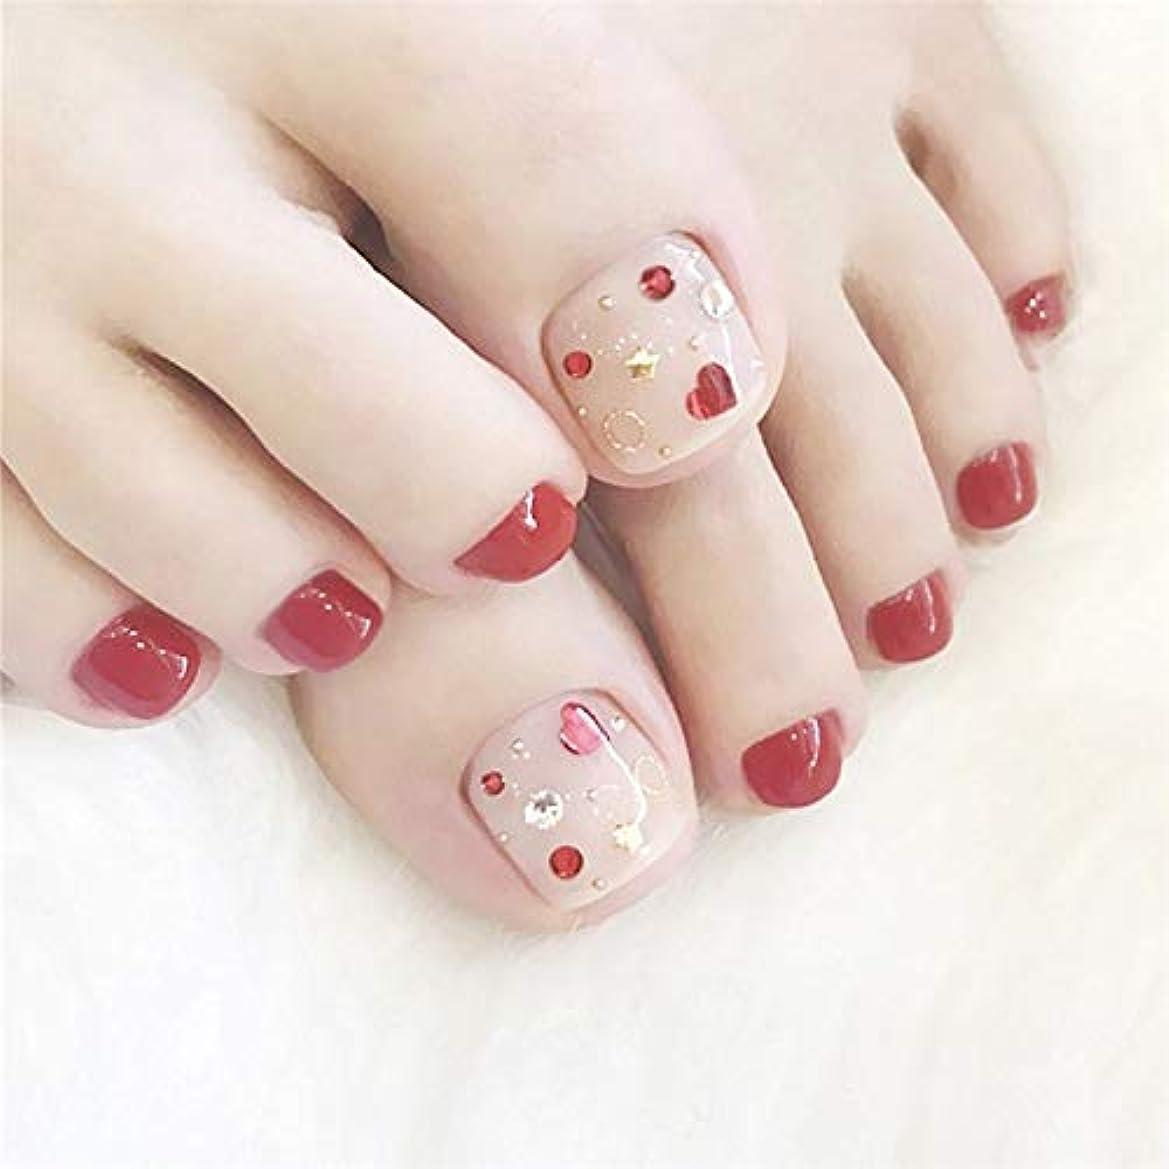 中国性差別バズ足用 綺麗なネイルチップ ネイル花嫁 足の爪のネイルチップ レッドフラッシュドリル 手作りネイルチップ 紅白の星 24pcs